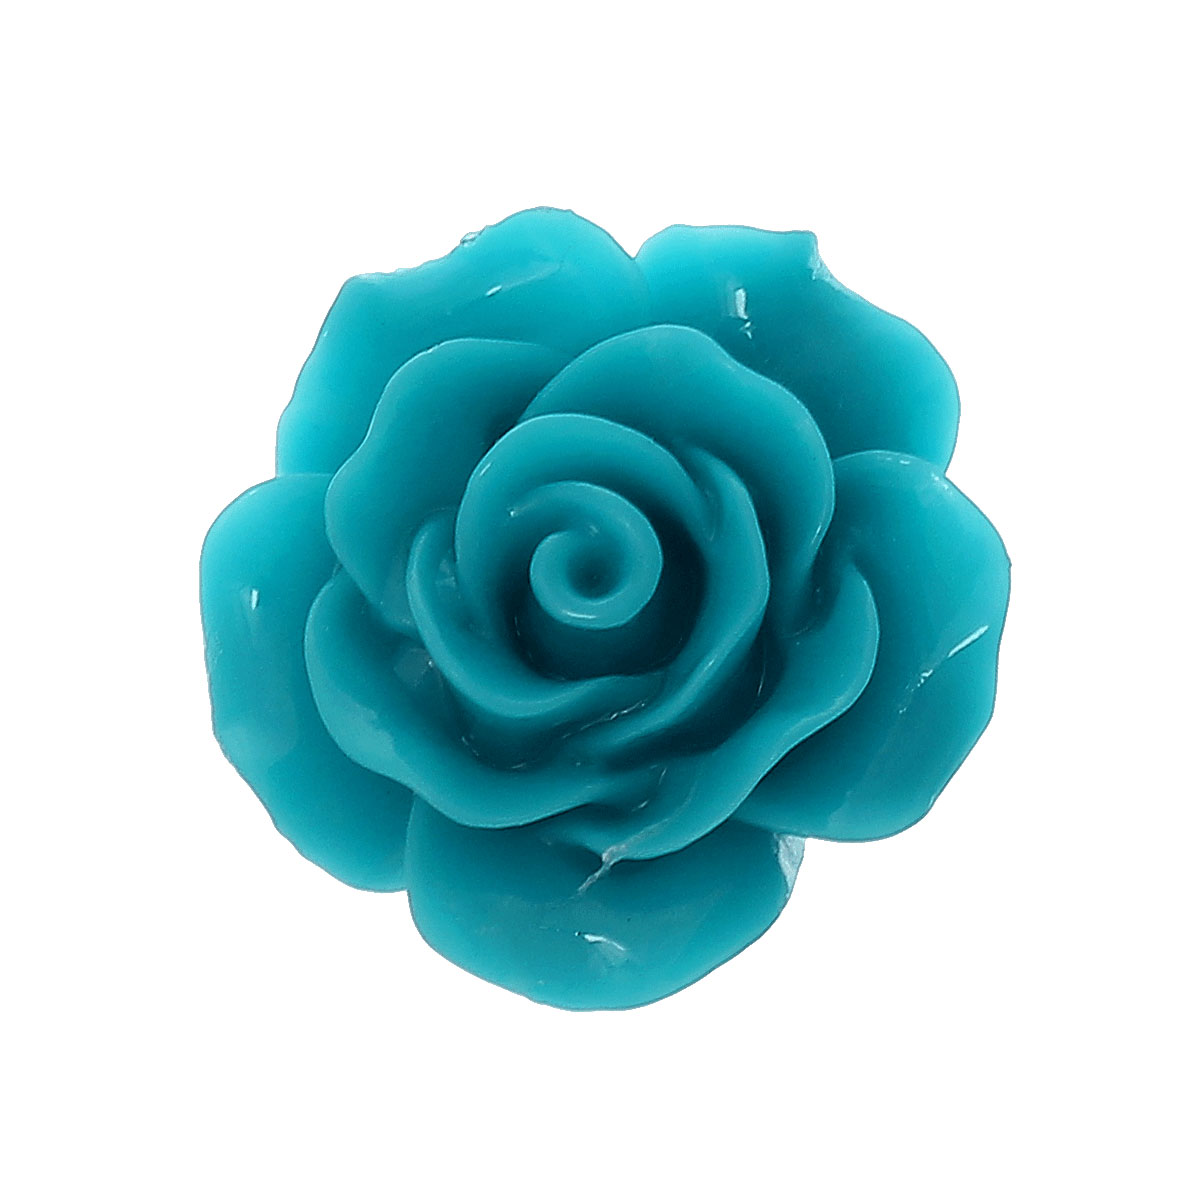 цена на DoreenBeads Resin Embellishments Findings Flower Deep blue 20.0mm( 6/8) x 20.0mm( 6/8), 5 PCs 2015 new